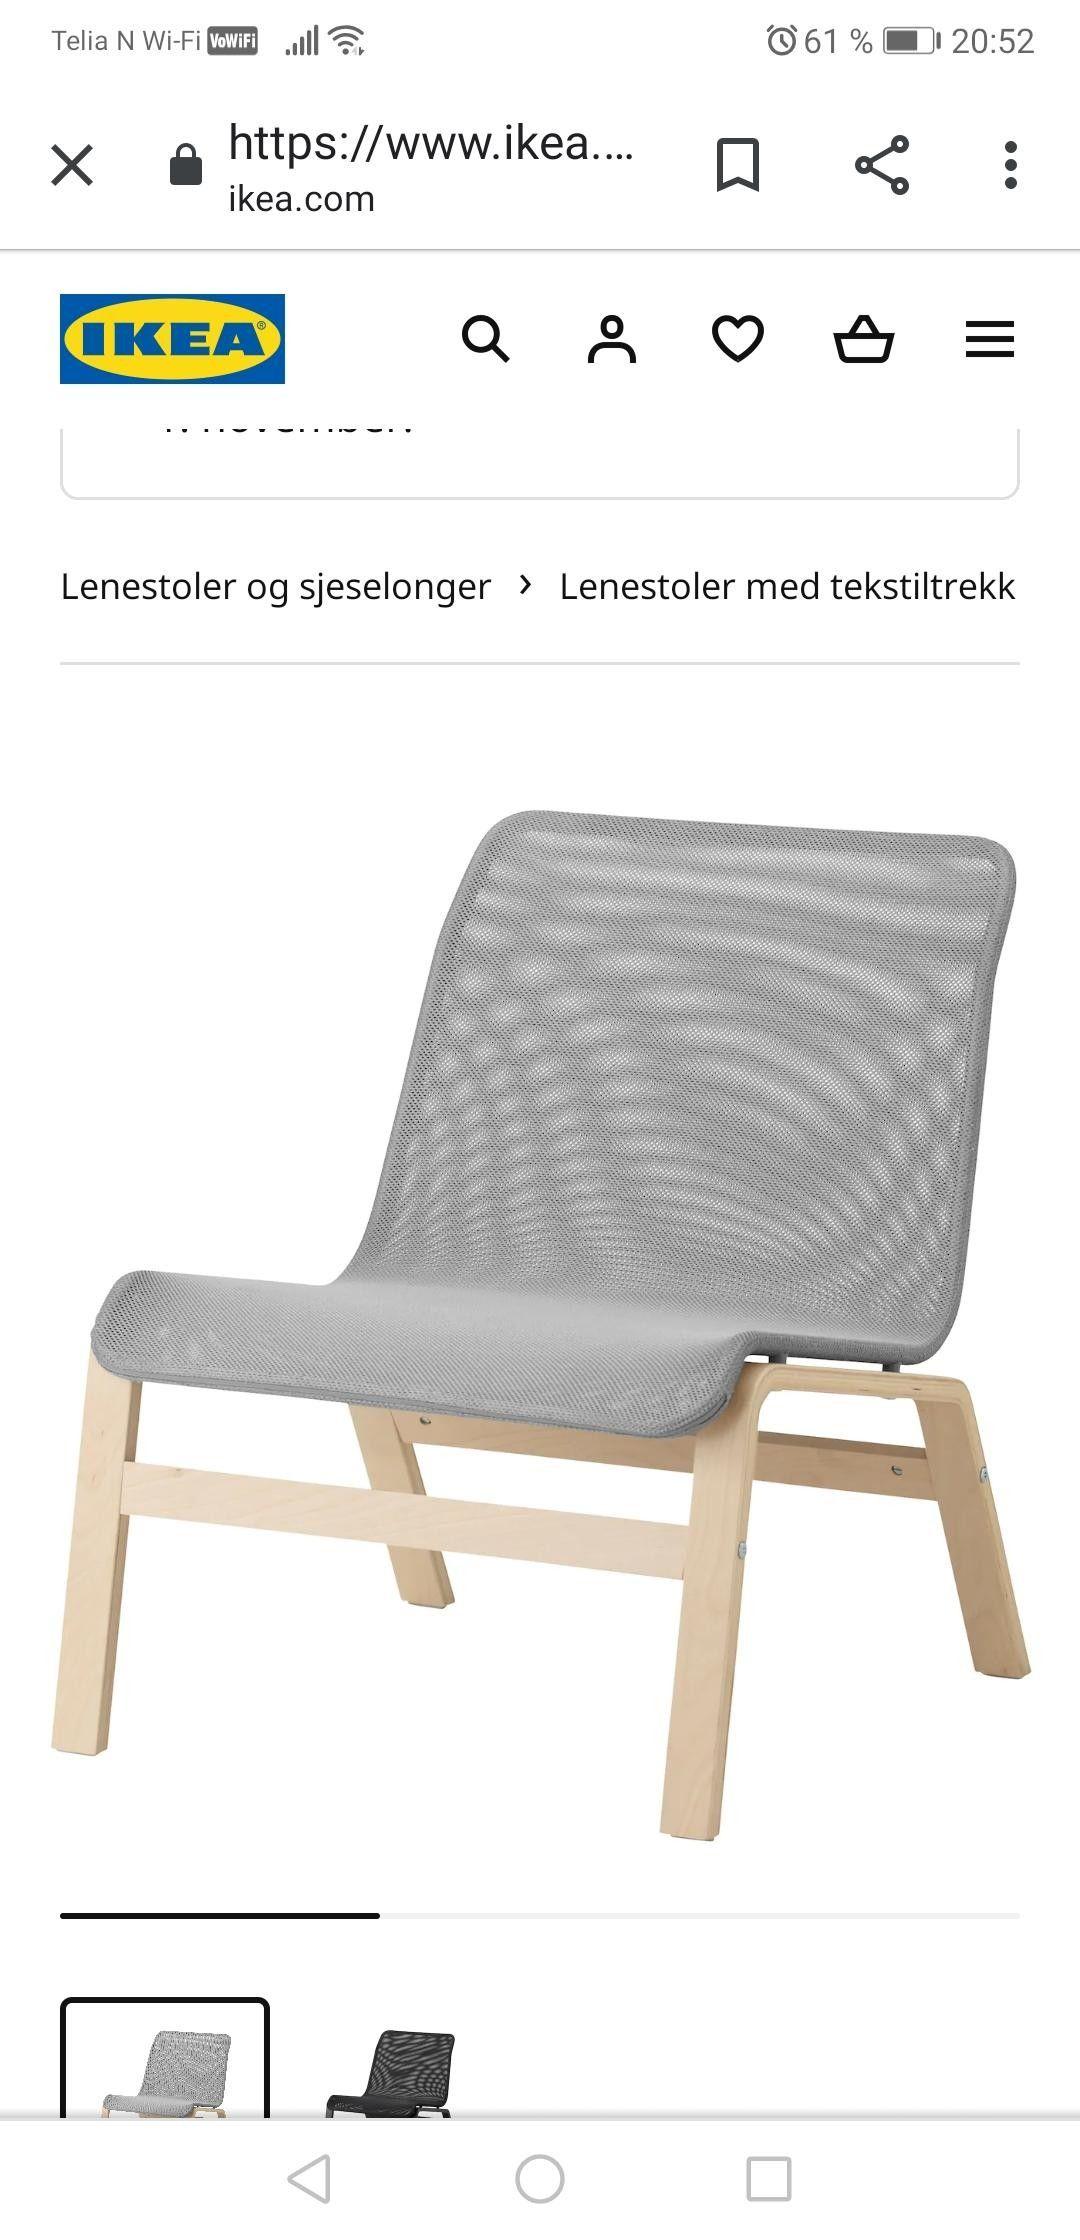 Lenestoler og sjeselonger IKEA